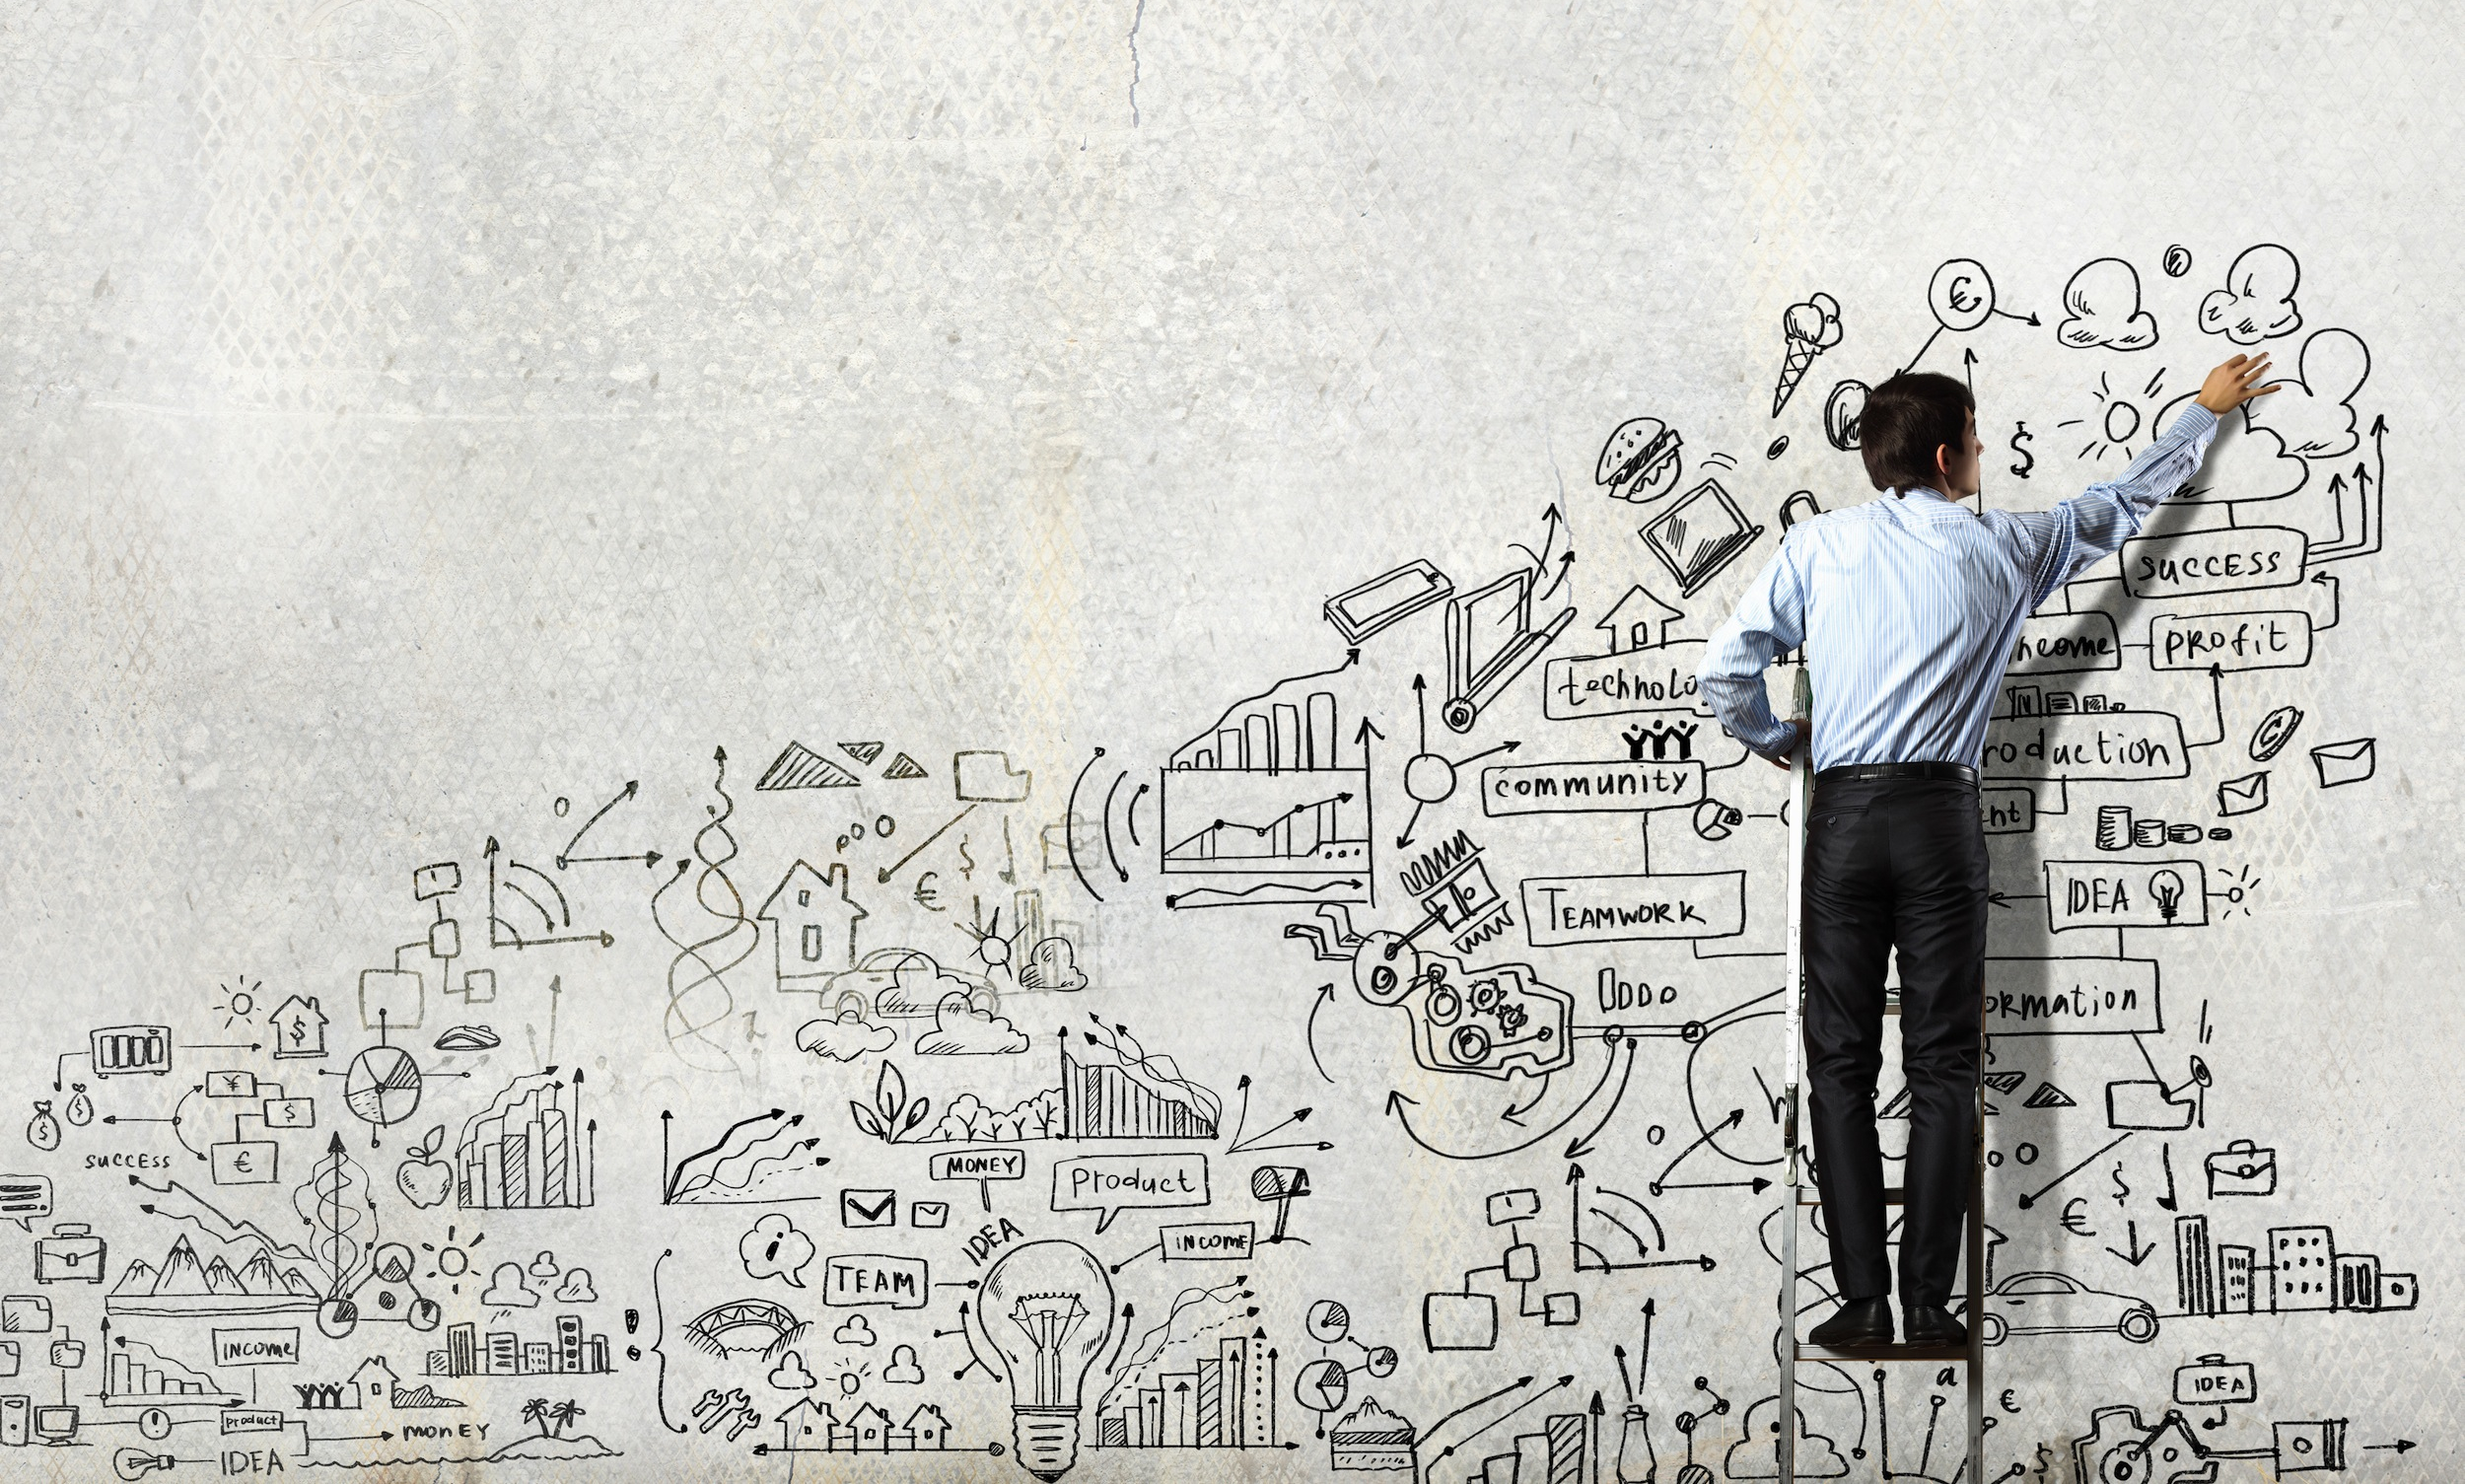 5 ขั้นตอนก่อนใช้ Big Data ให้ได้ผลในธุรกิจ SME และ Startup